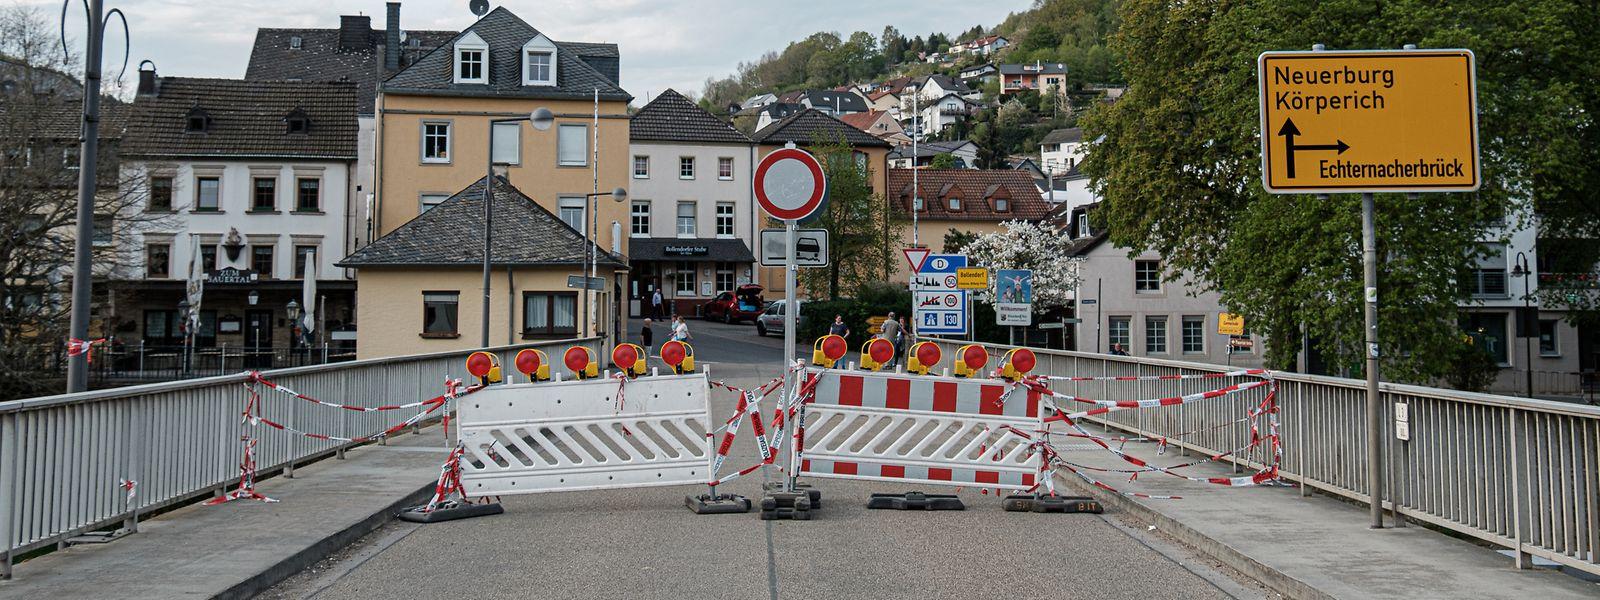 Die Grenzbrücke zwischen Bollendorf (D) und Bollendorf-Pont (L) war bis 17. April verriegelt. Mittlerweile können Berufspendler und der Warenverkehr die Straße wieder befahren.